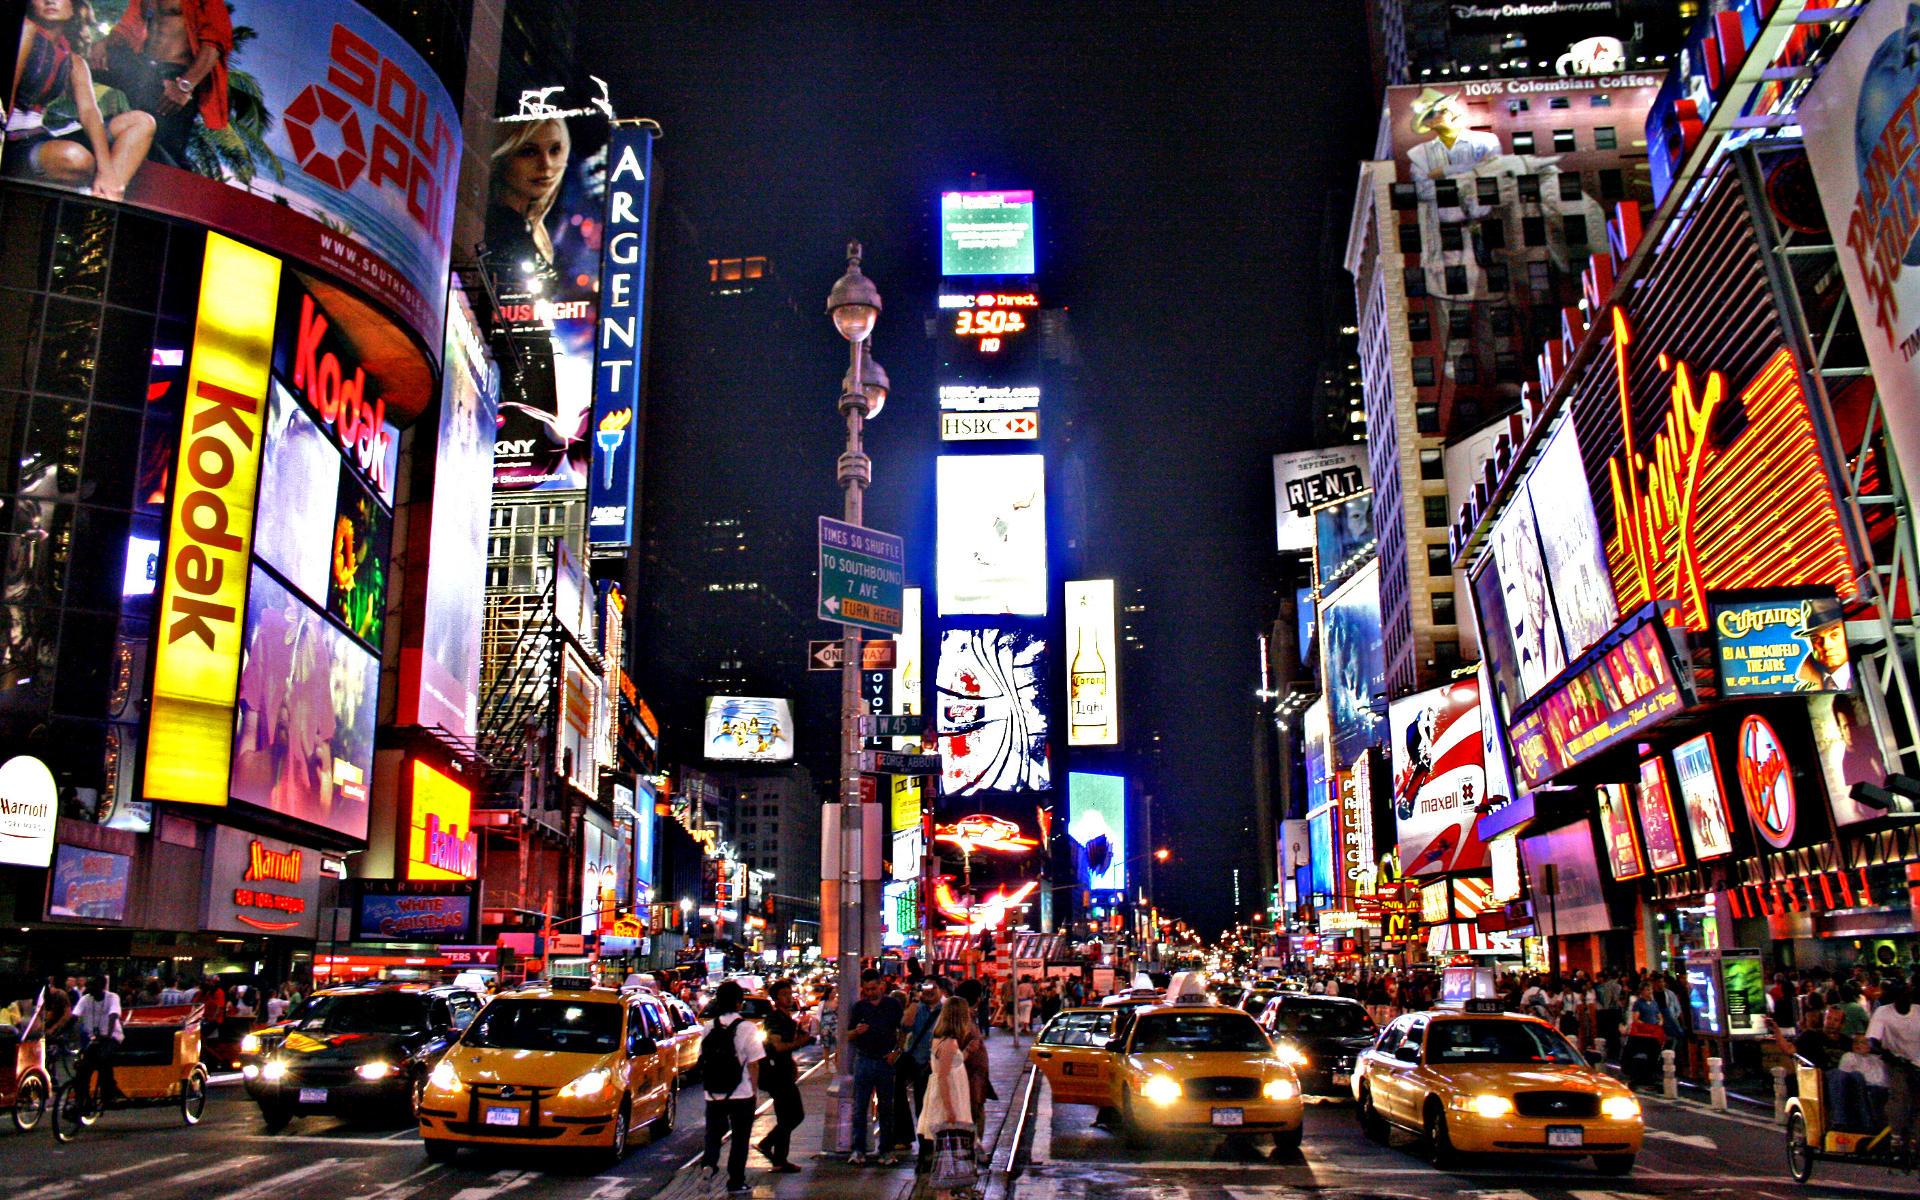 Les bons plans & Voyages au US NY2